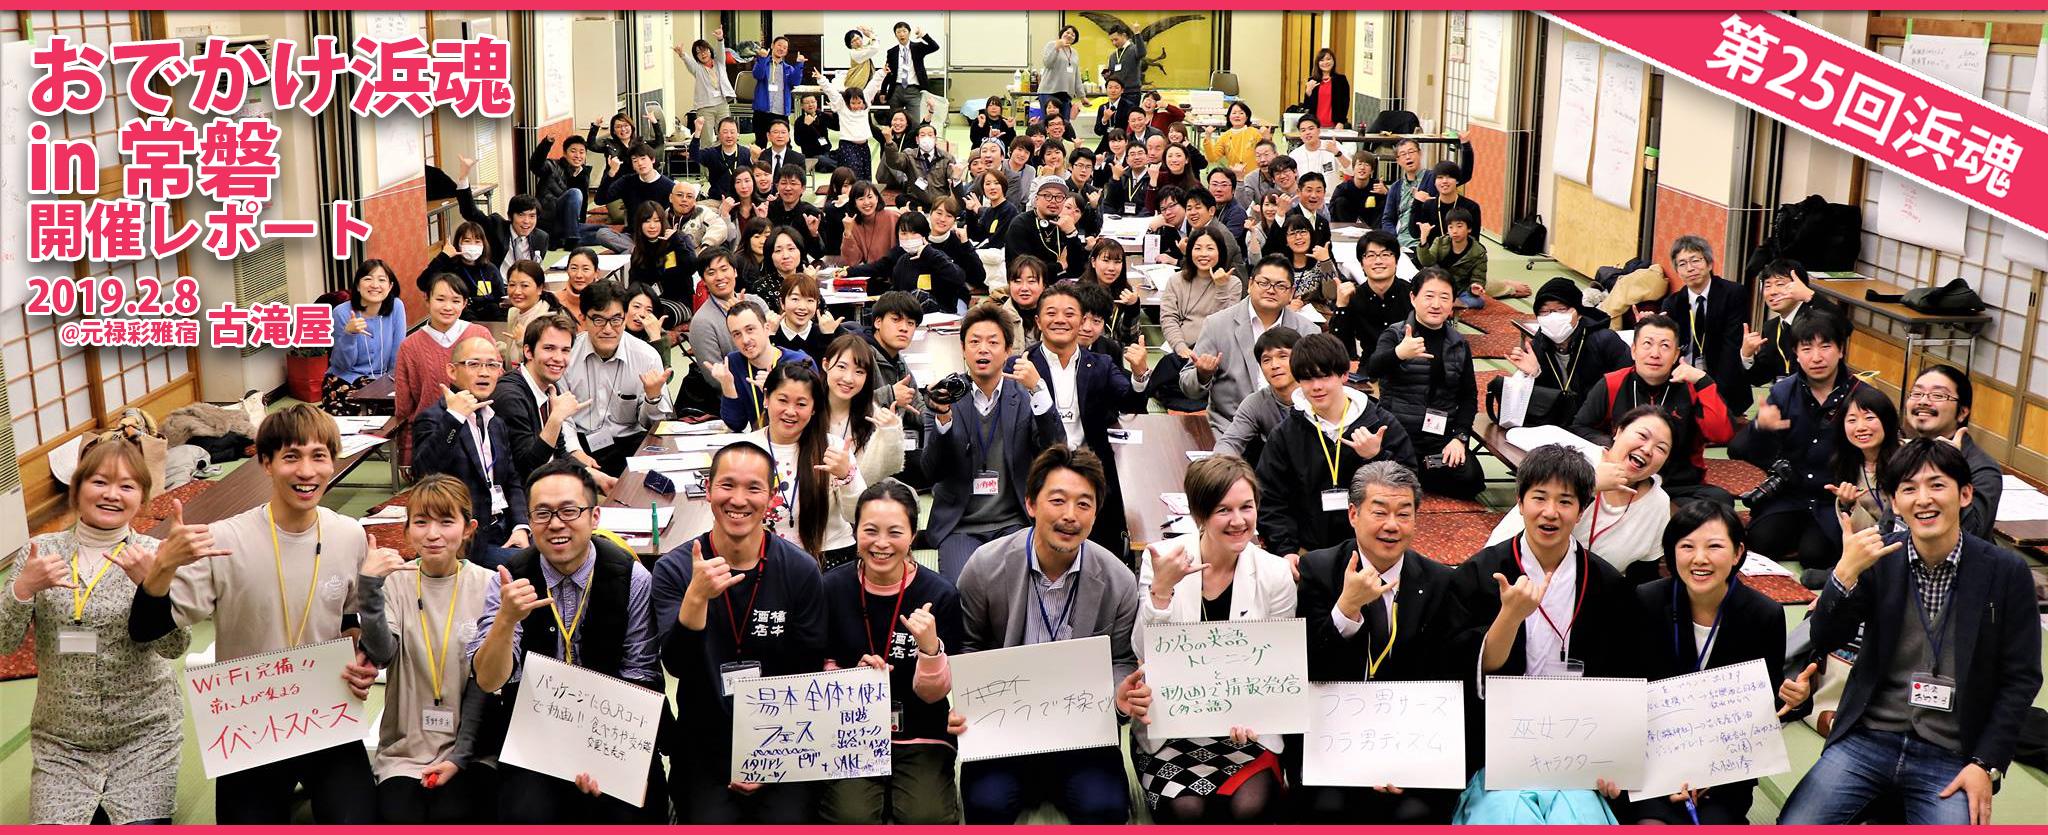 第25回 浜魂<br>おでかけ浜魂in常磐 開催レポート